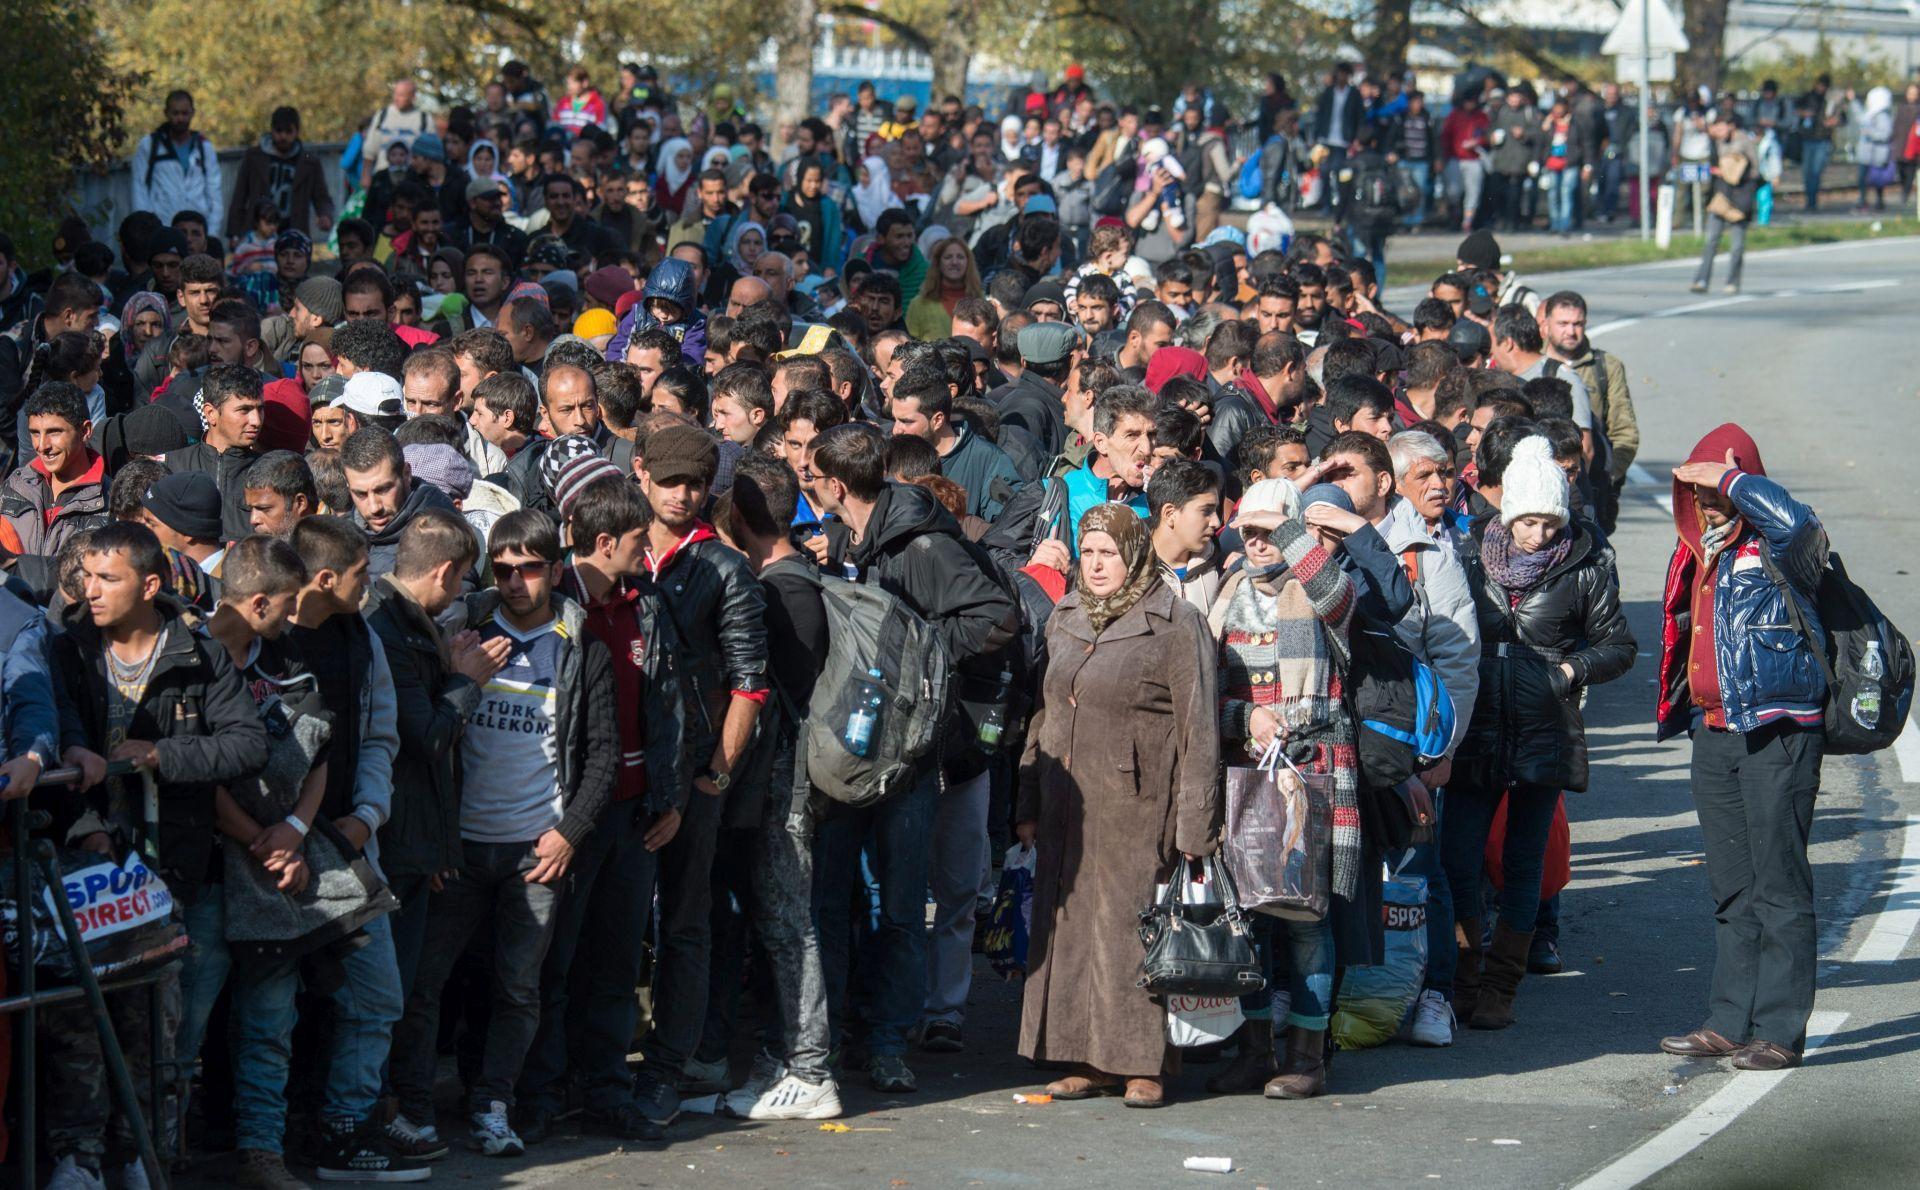 ŽIVOTE IZGUBILO VIŠE OD 3.770 LJUDI Za migrante 2015. godina najsmrtonosnija dosad